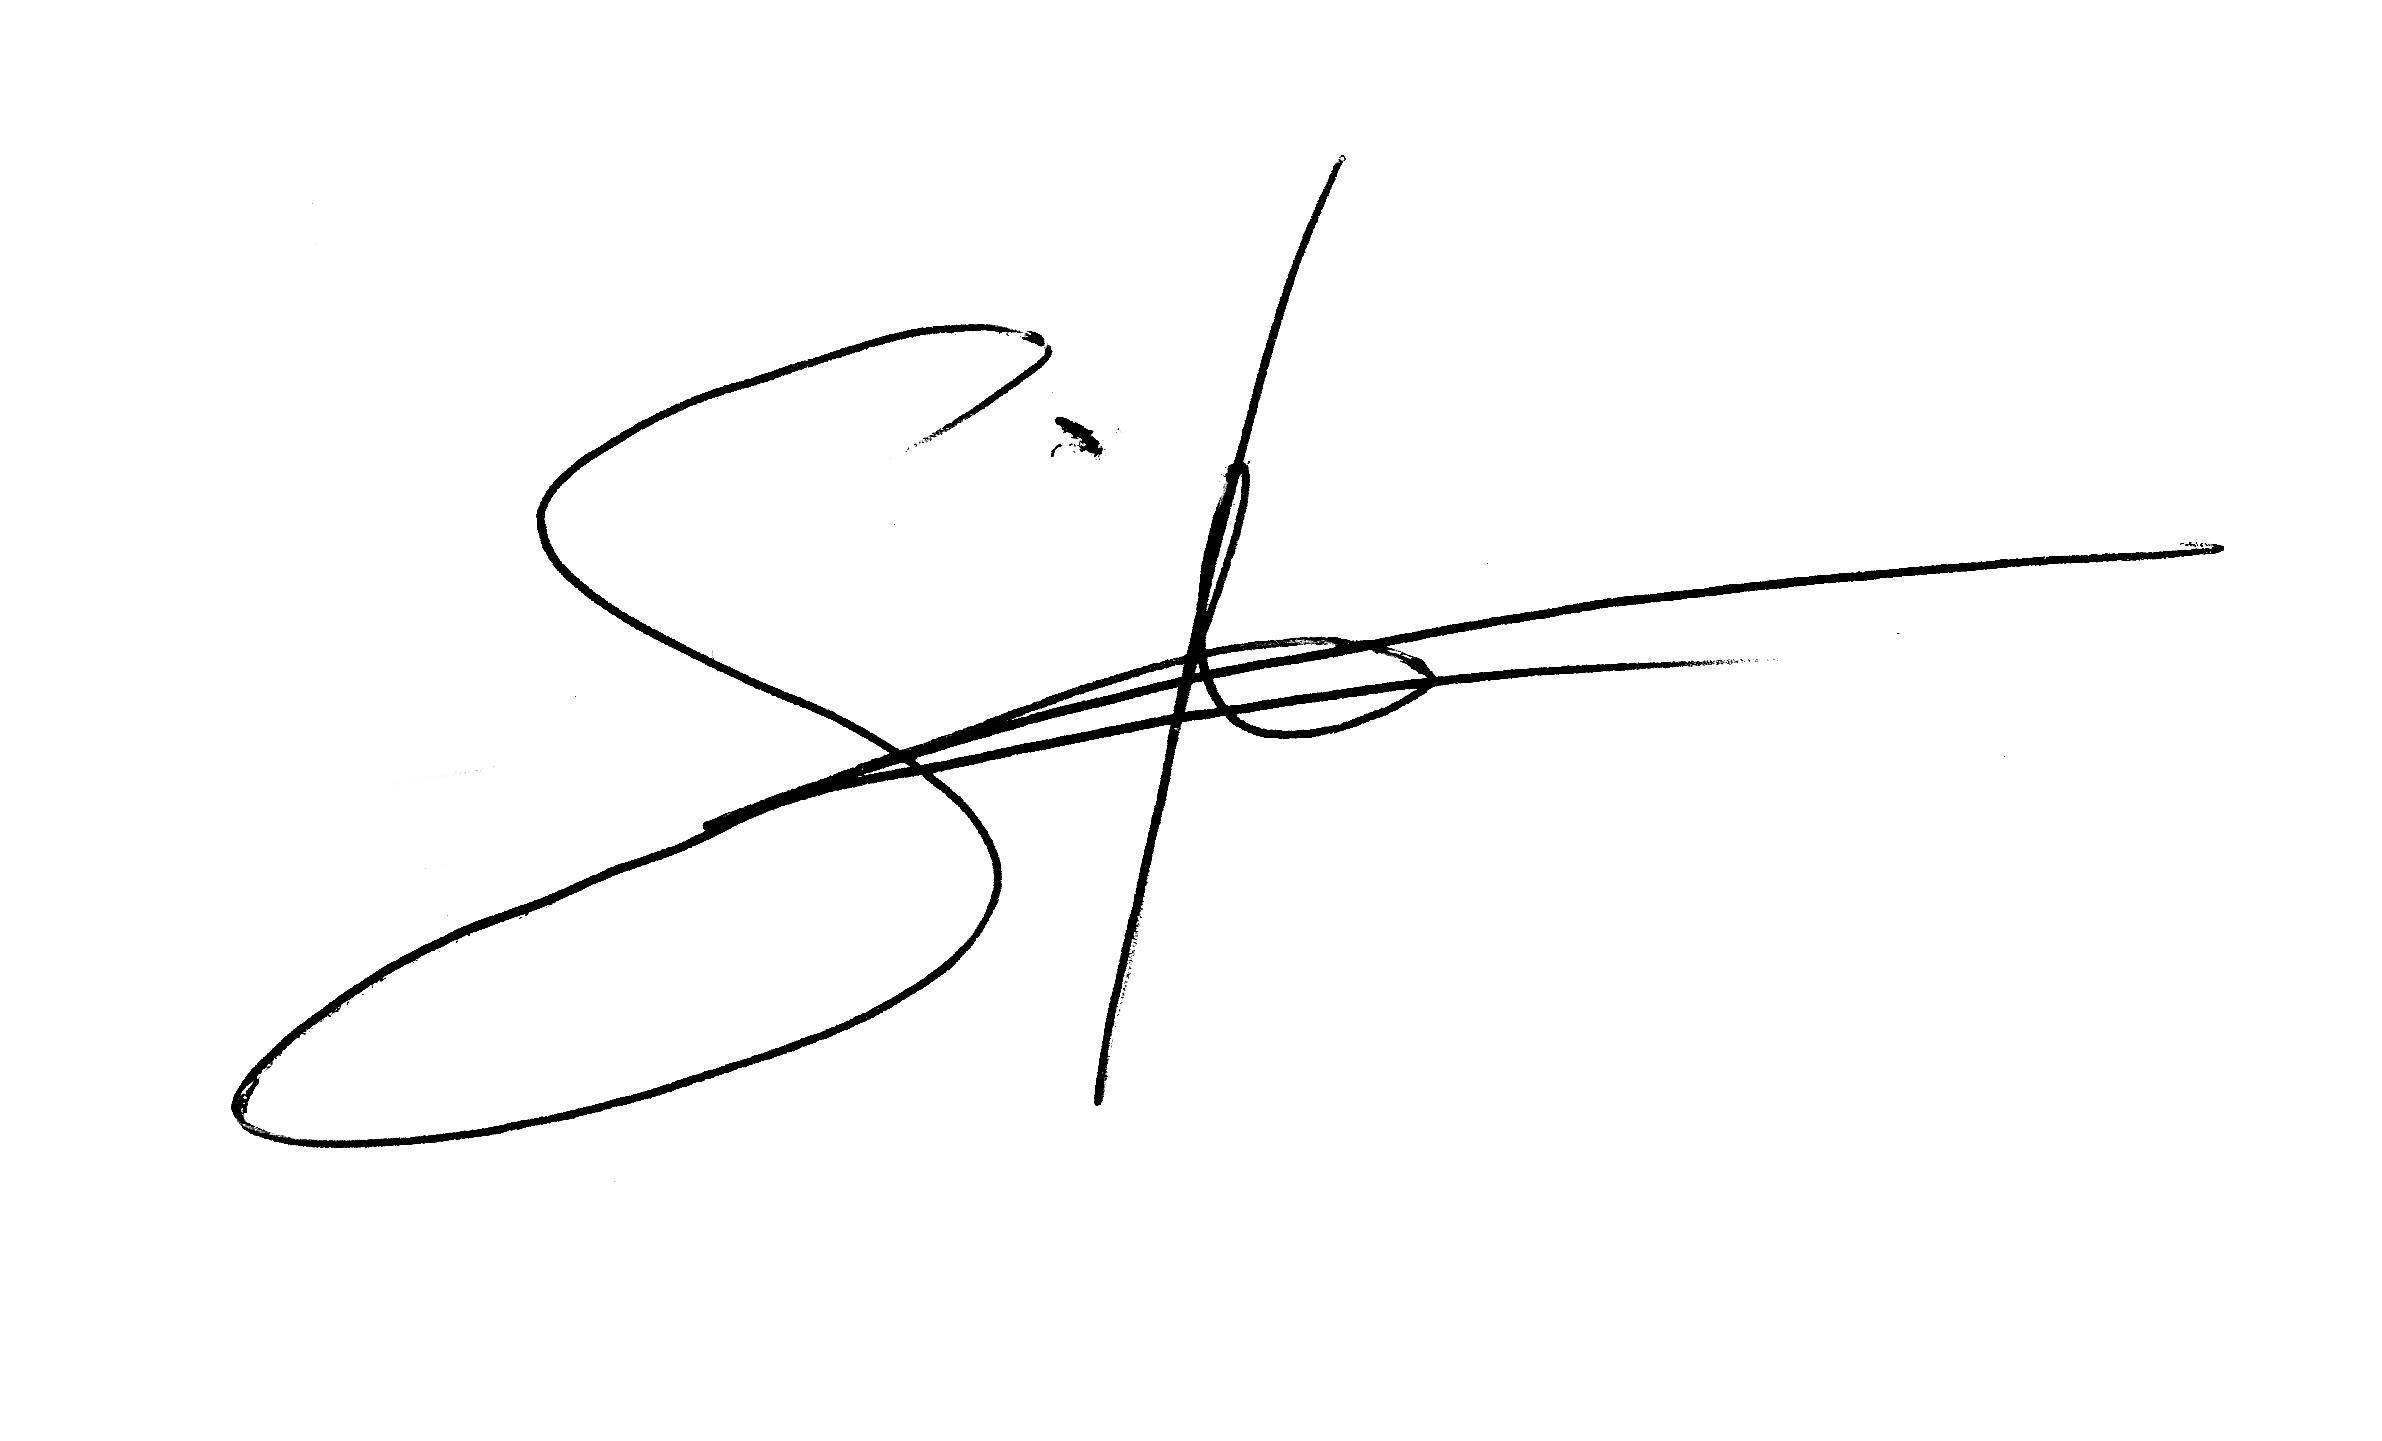 Shun rodnie ablazo Signature